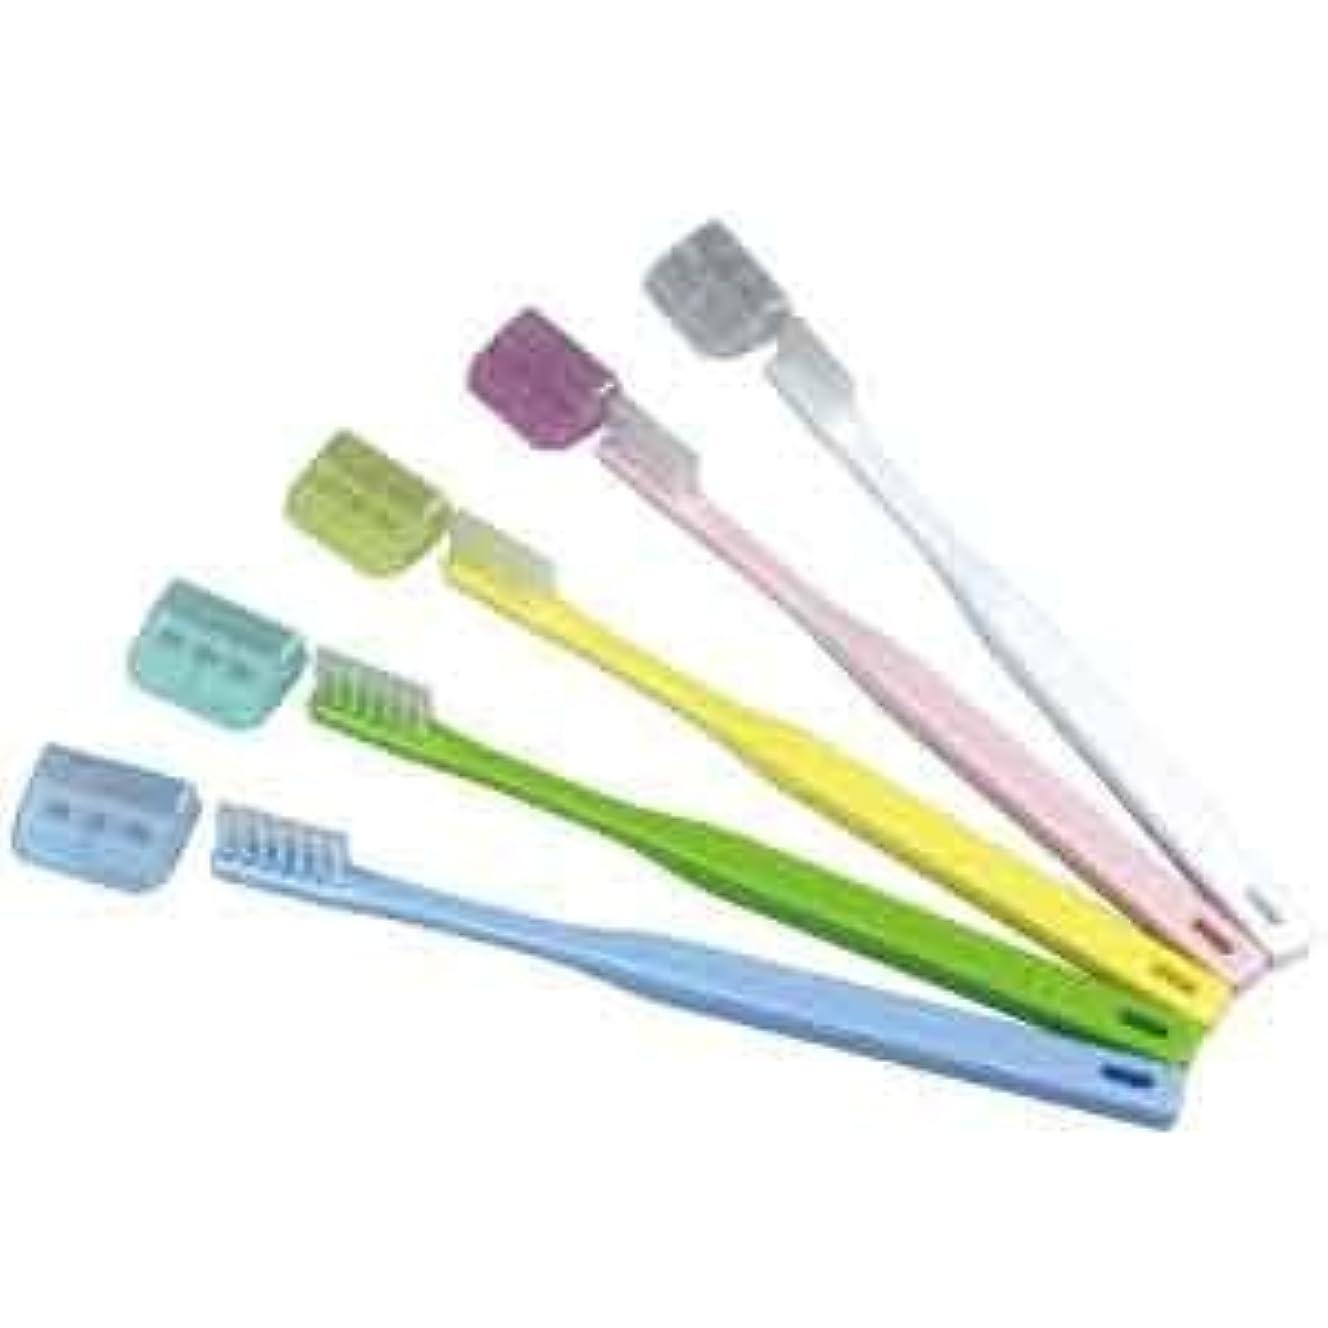 抵抗プラットフォームゴミ箱V-7 歯ブラシ ふつう レギュラーヘッド/5本入り